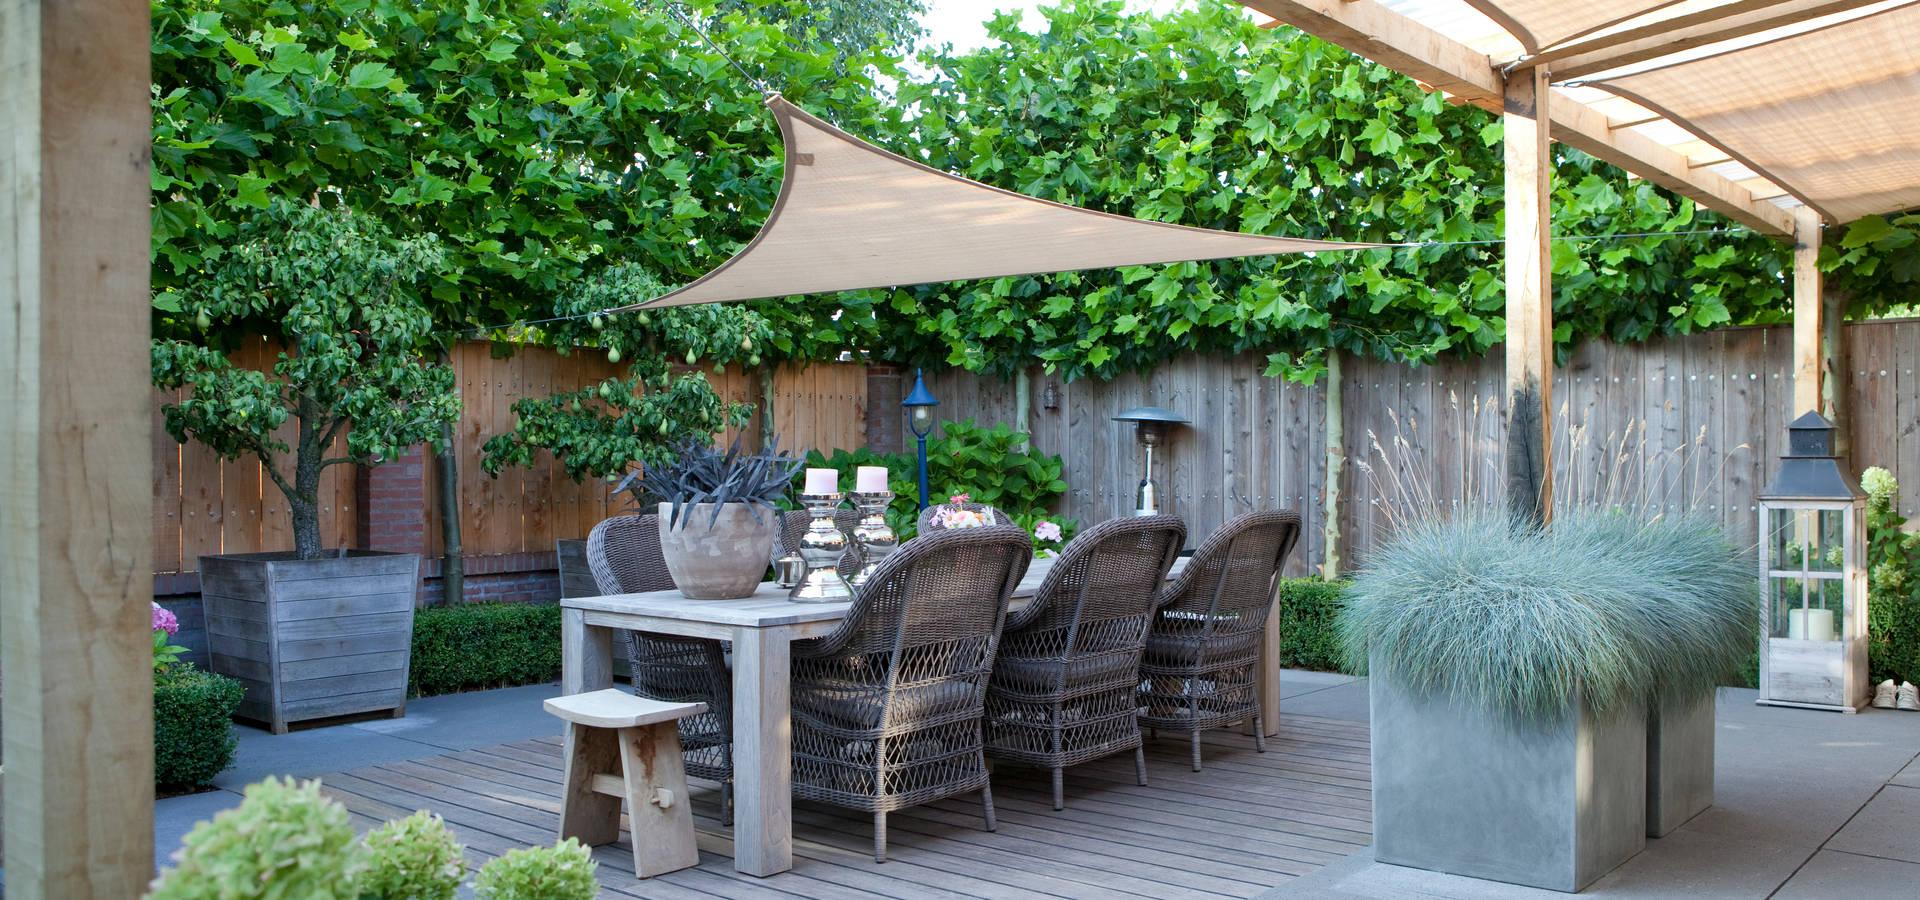 Dutch Quality Gardens, Mocking Hoveniers